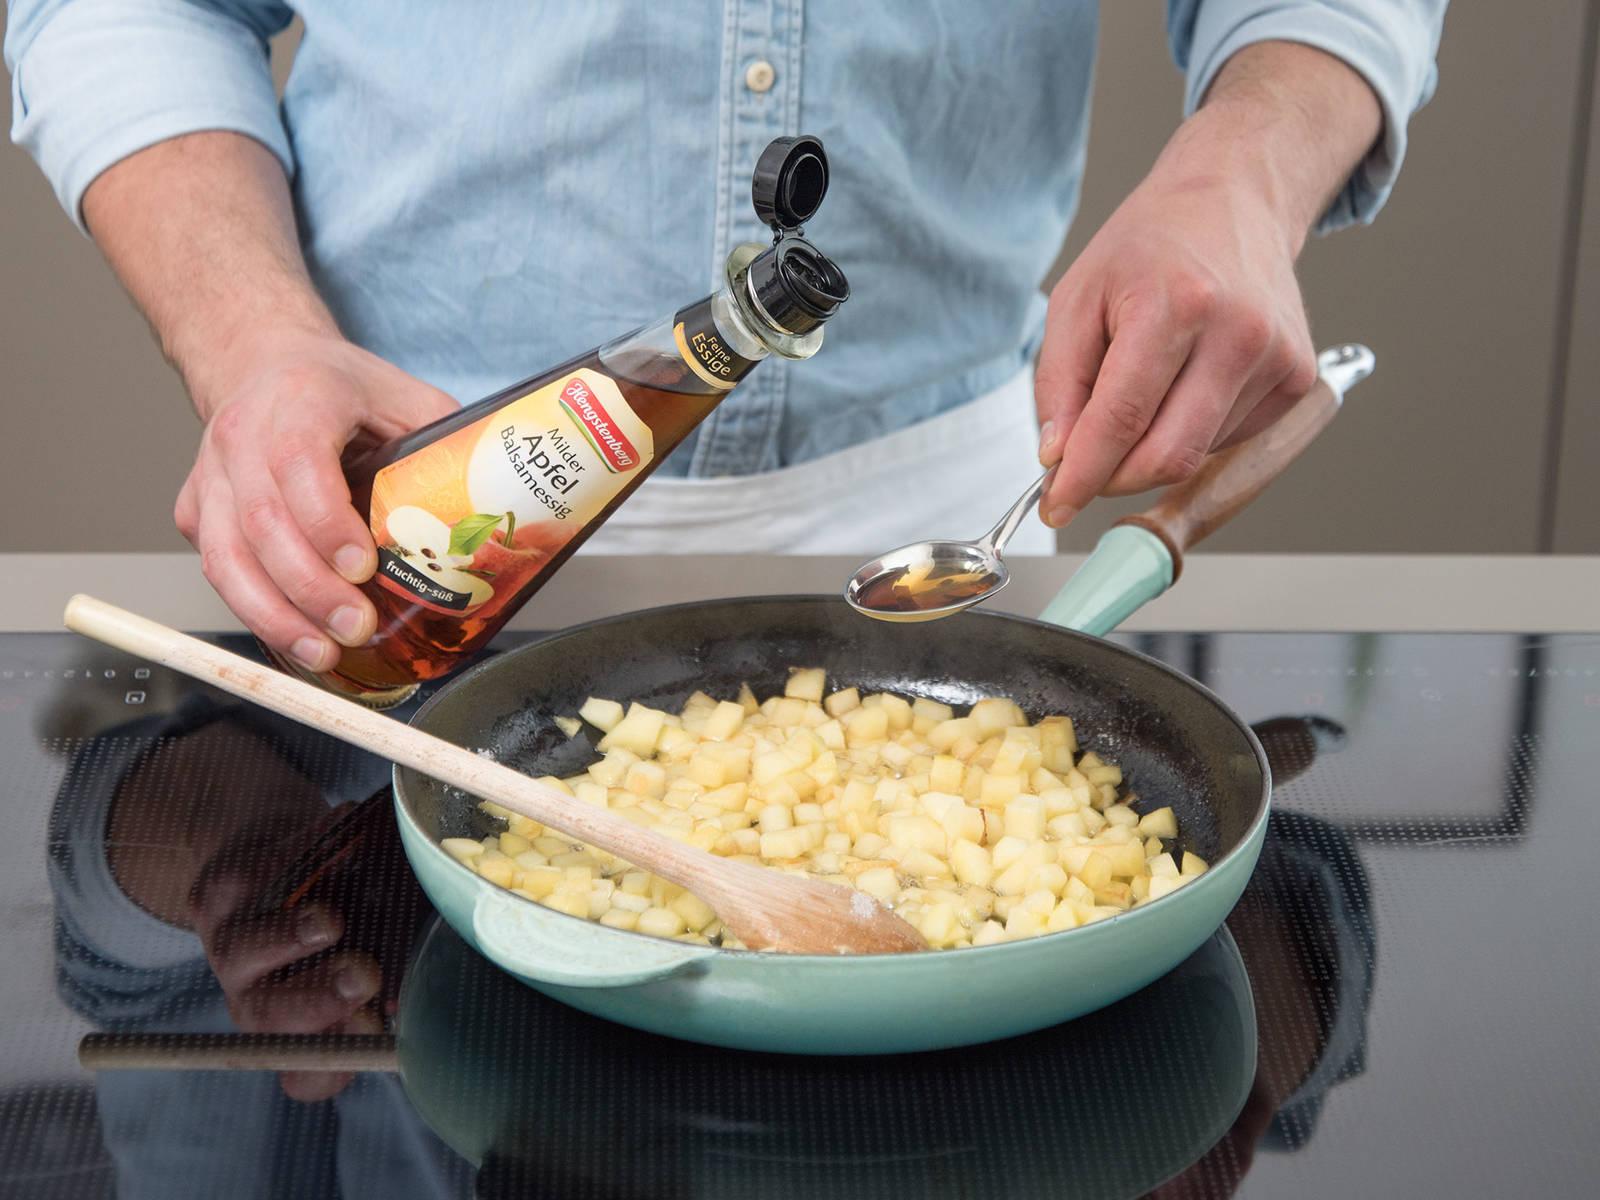 Äpfel schälen, Kerngehäuse entfernen und in Würfel schneiden. Butter in einer Pfanne bei mittlerer Hitze schmelzen und Apfelstückchen ca. 5 - 7 Min. anbraten. Zucker, Zimt und Apfel-Balsamico-Essig dazugeben und vermengen. Hitze reduzieren und ca. 10 - 15 Min. köcheln lassen bis die Äpfel karamellisiert und goldbraun sind.